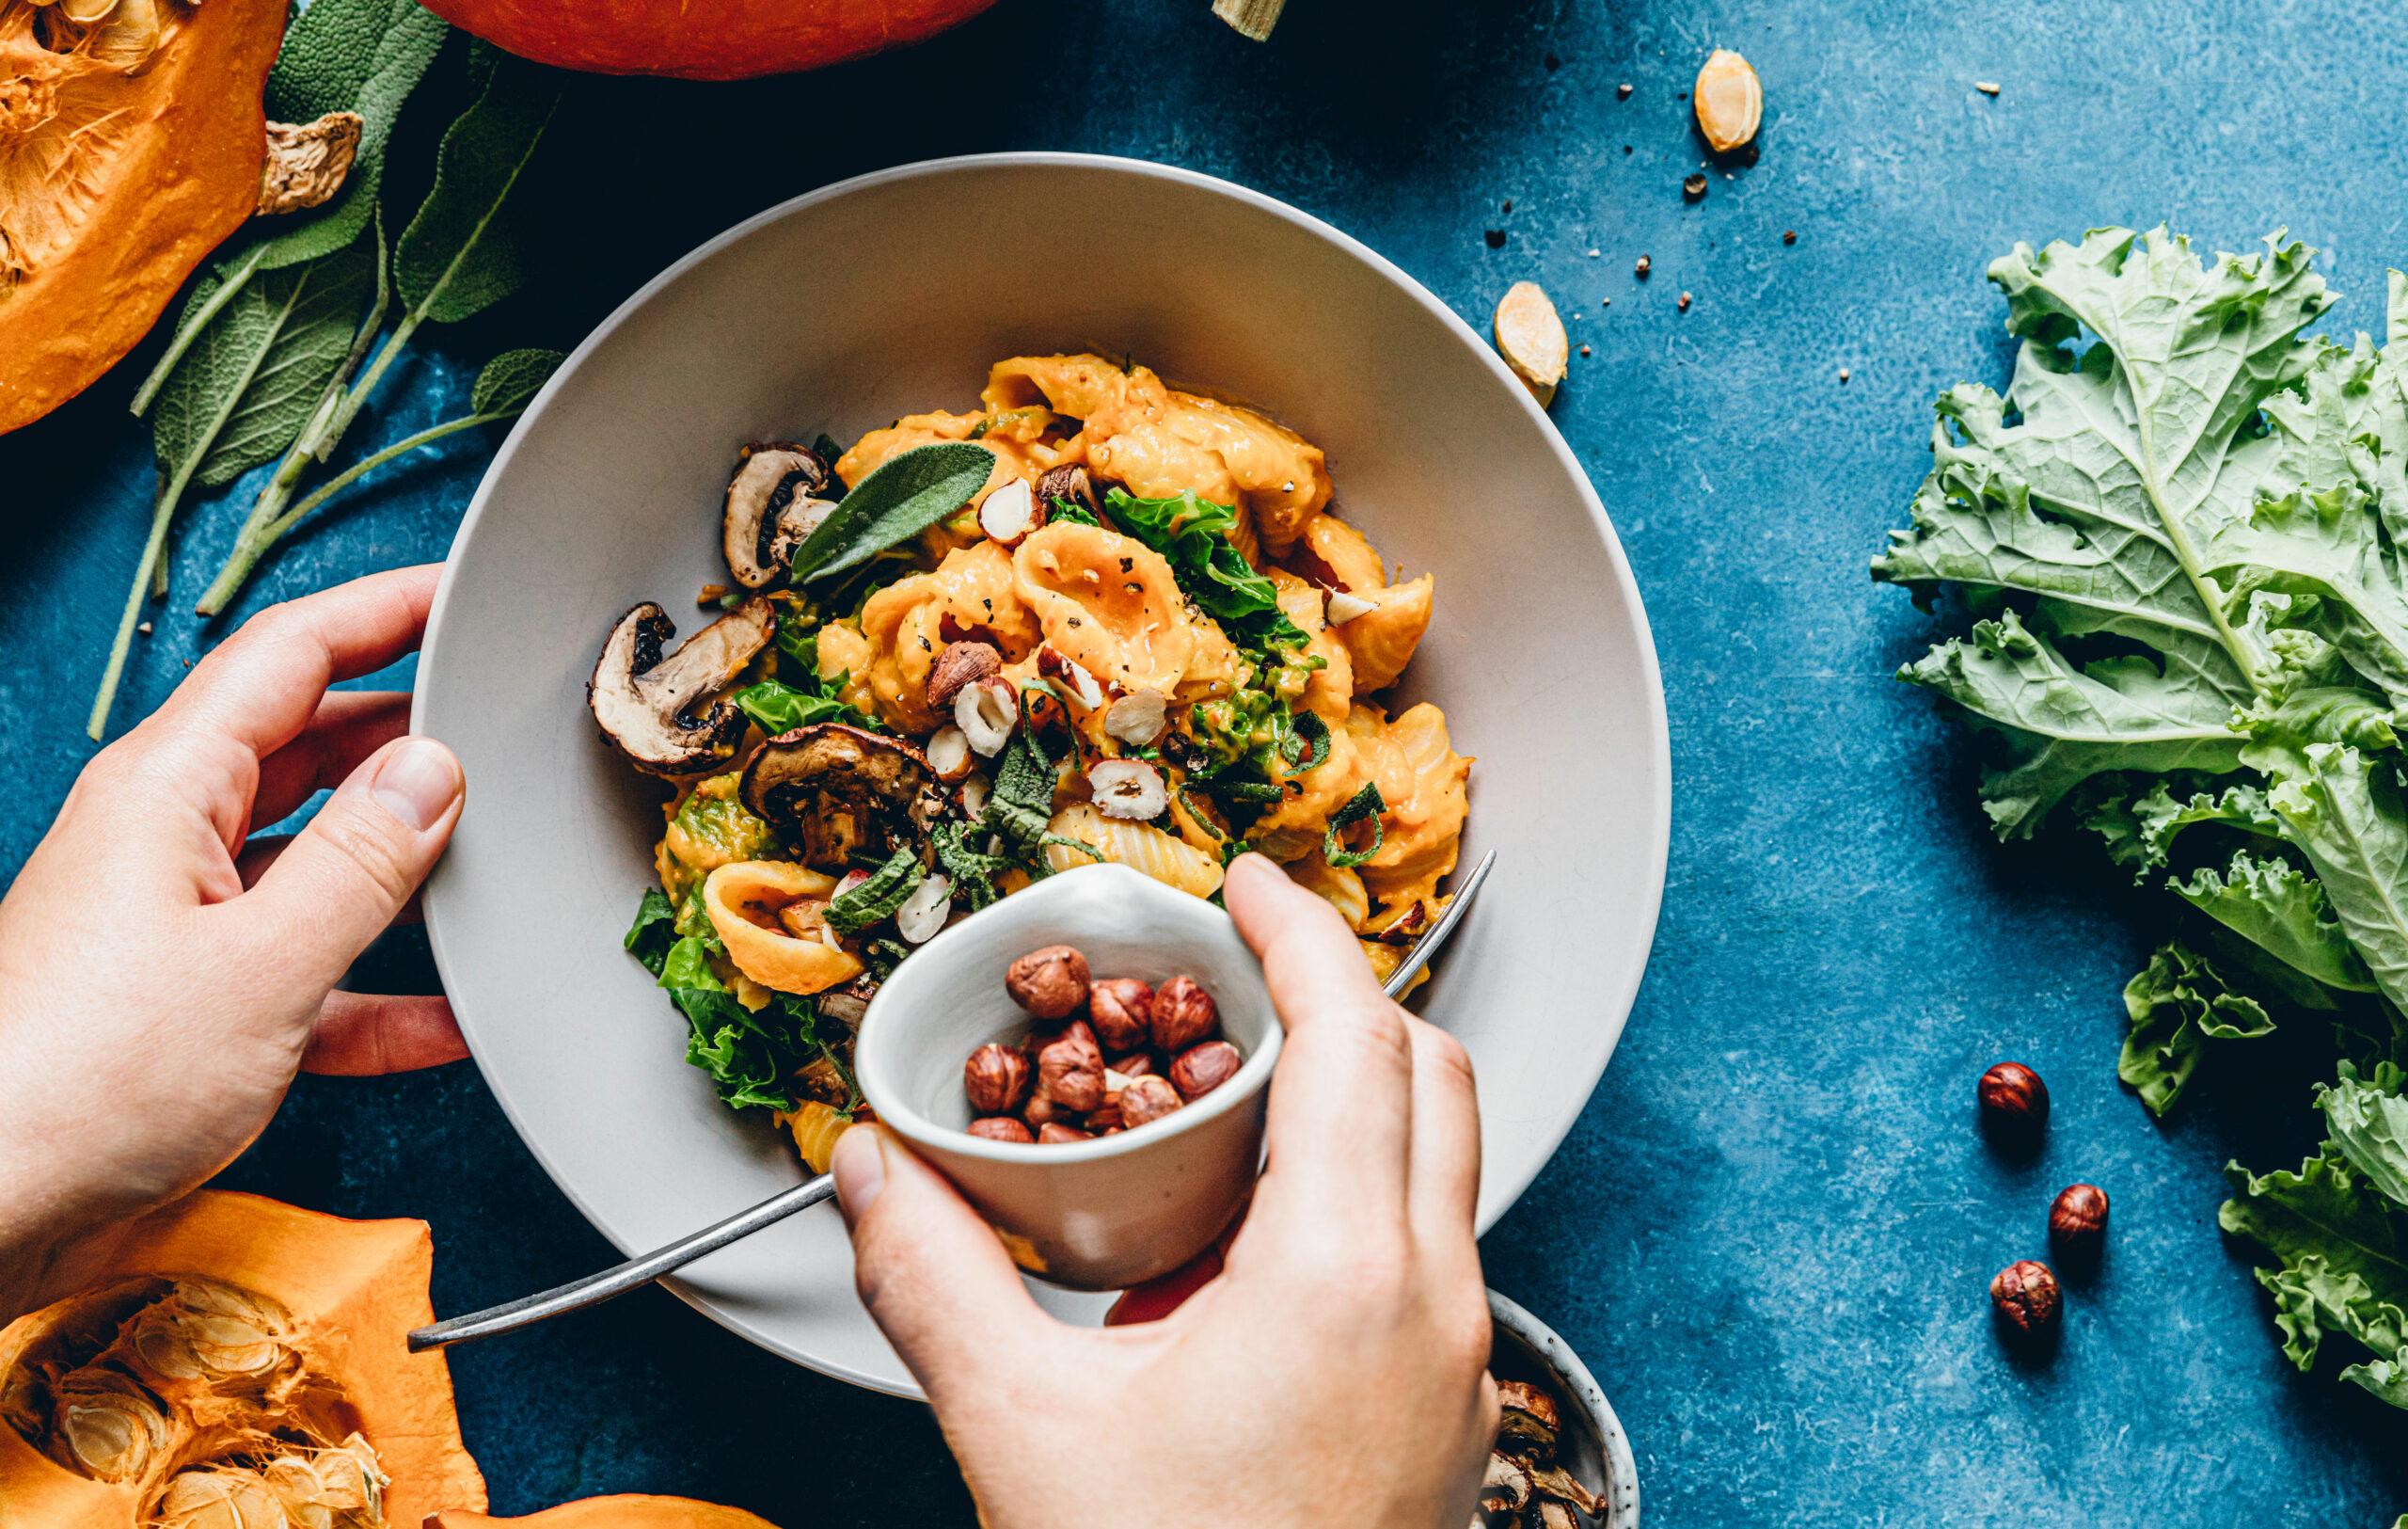 Oikea ruokarytmi – kädet asettelevat pähkinöitä värikkään ruokalautasellisen päälle.